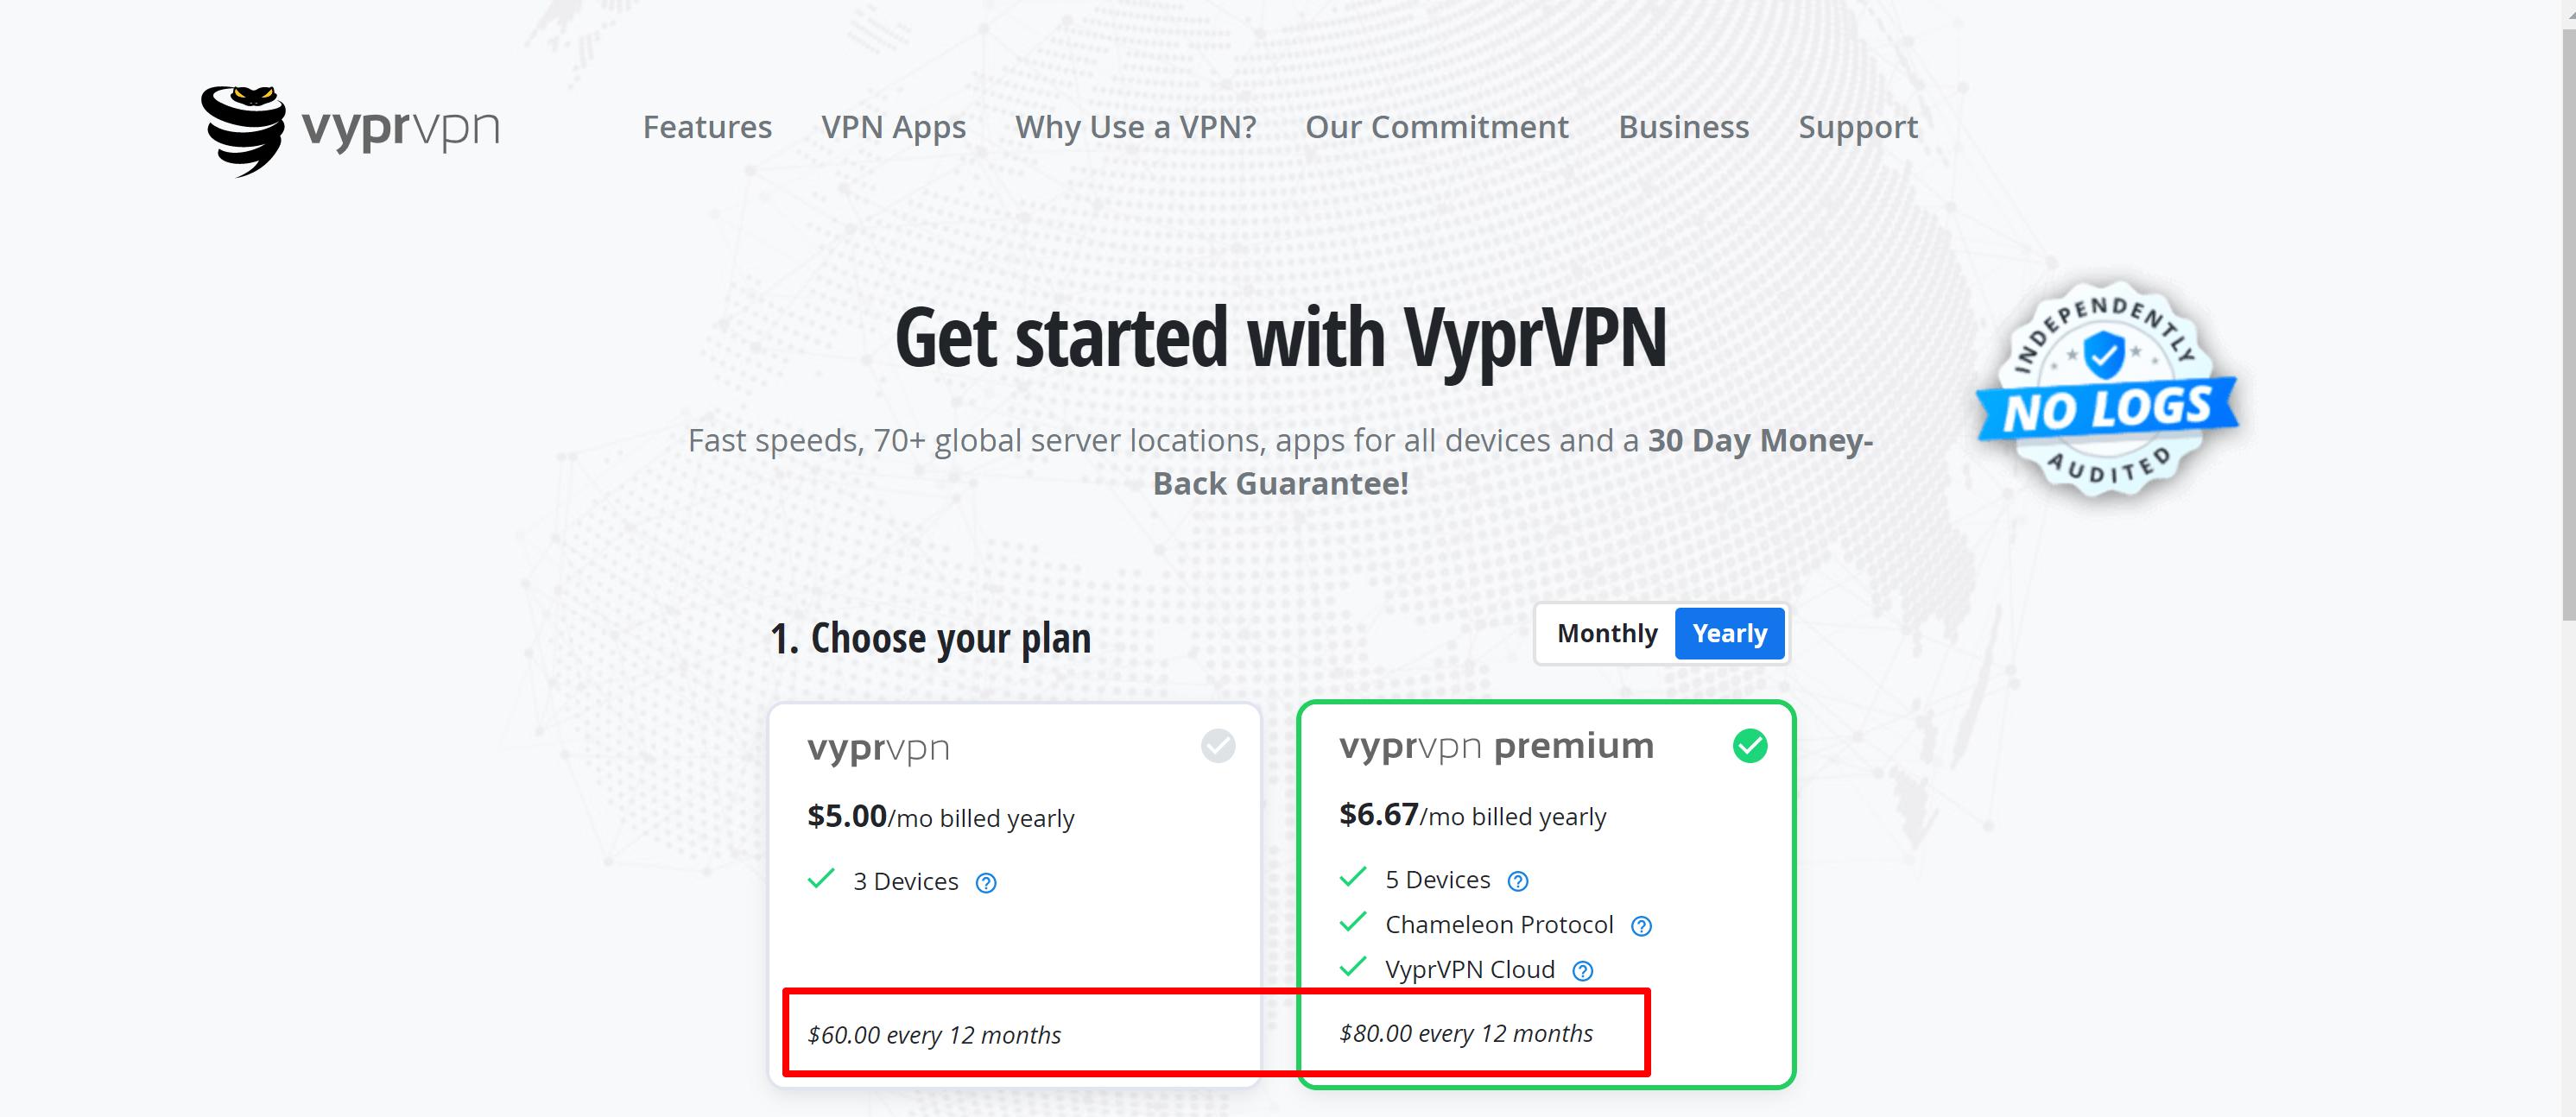 VyprVPN pricing coupon